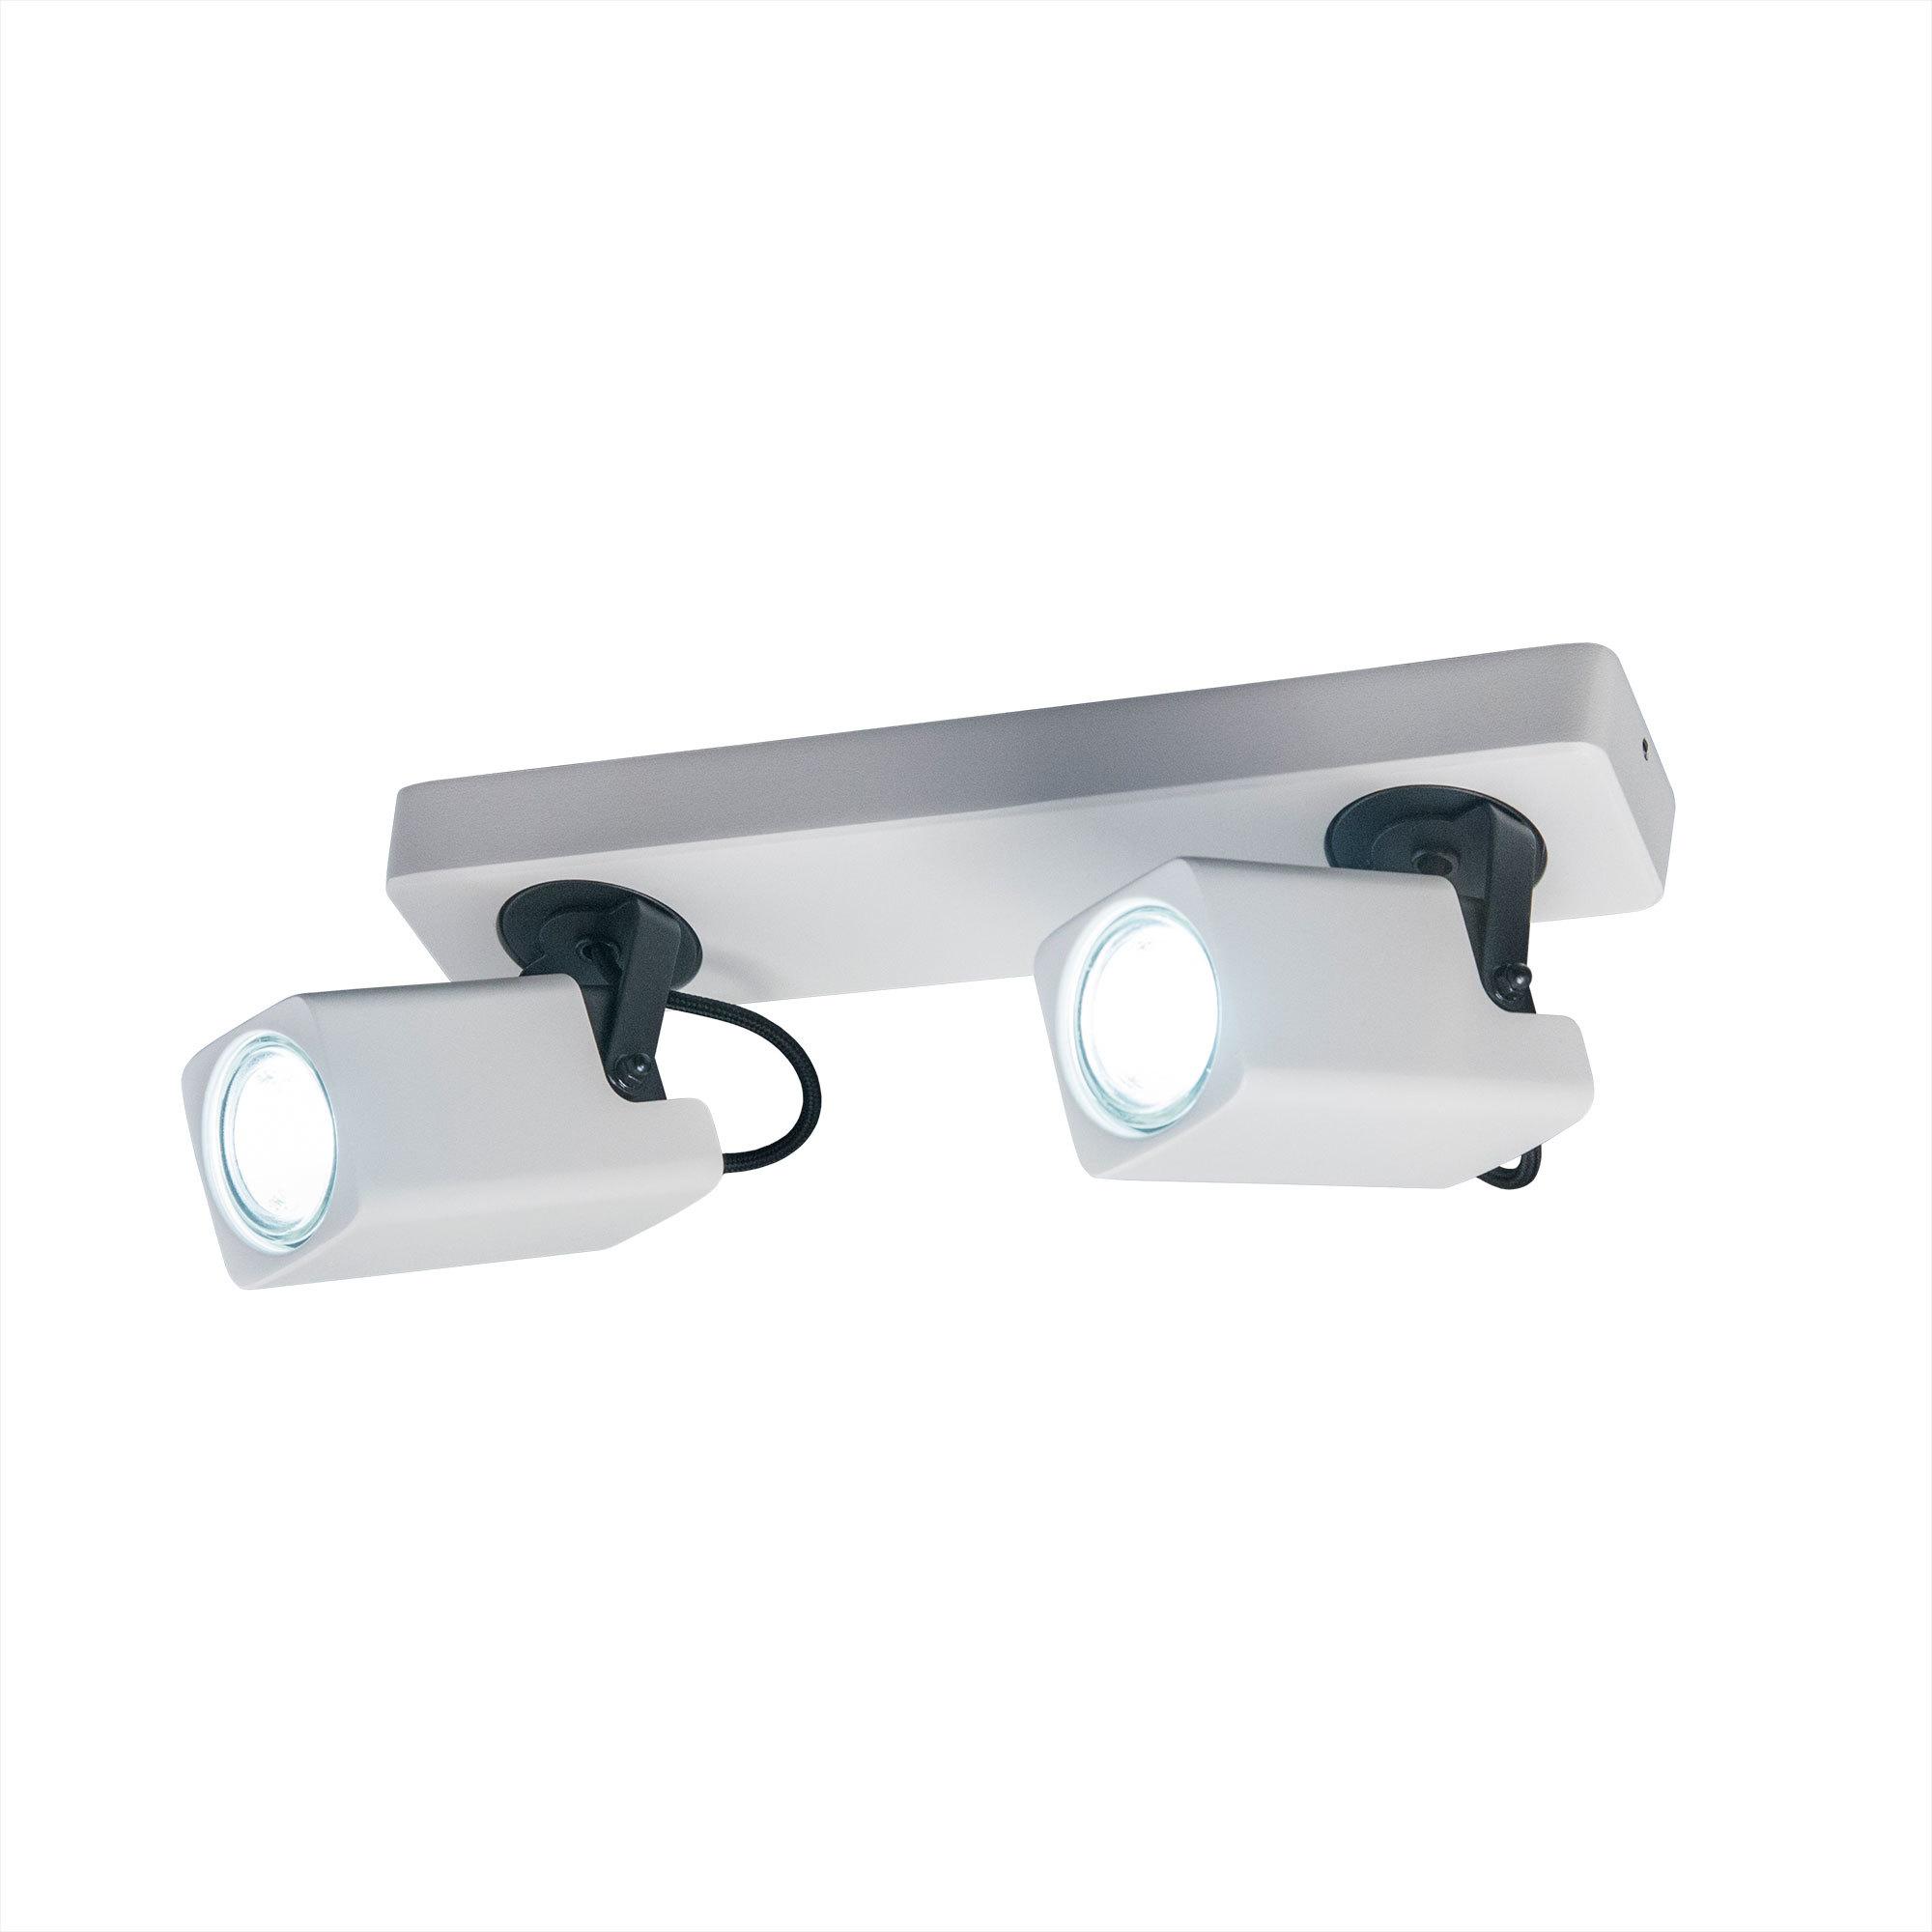 Потолочный светильник с регулировкой направления света Citilux Норман CL533620, 2xGU10x50W - фото 1